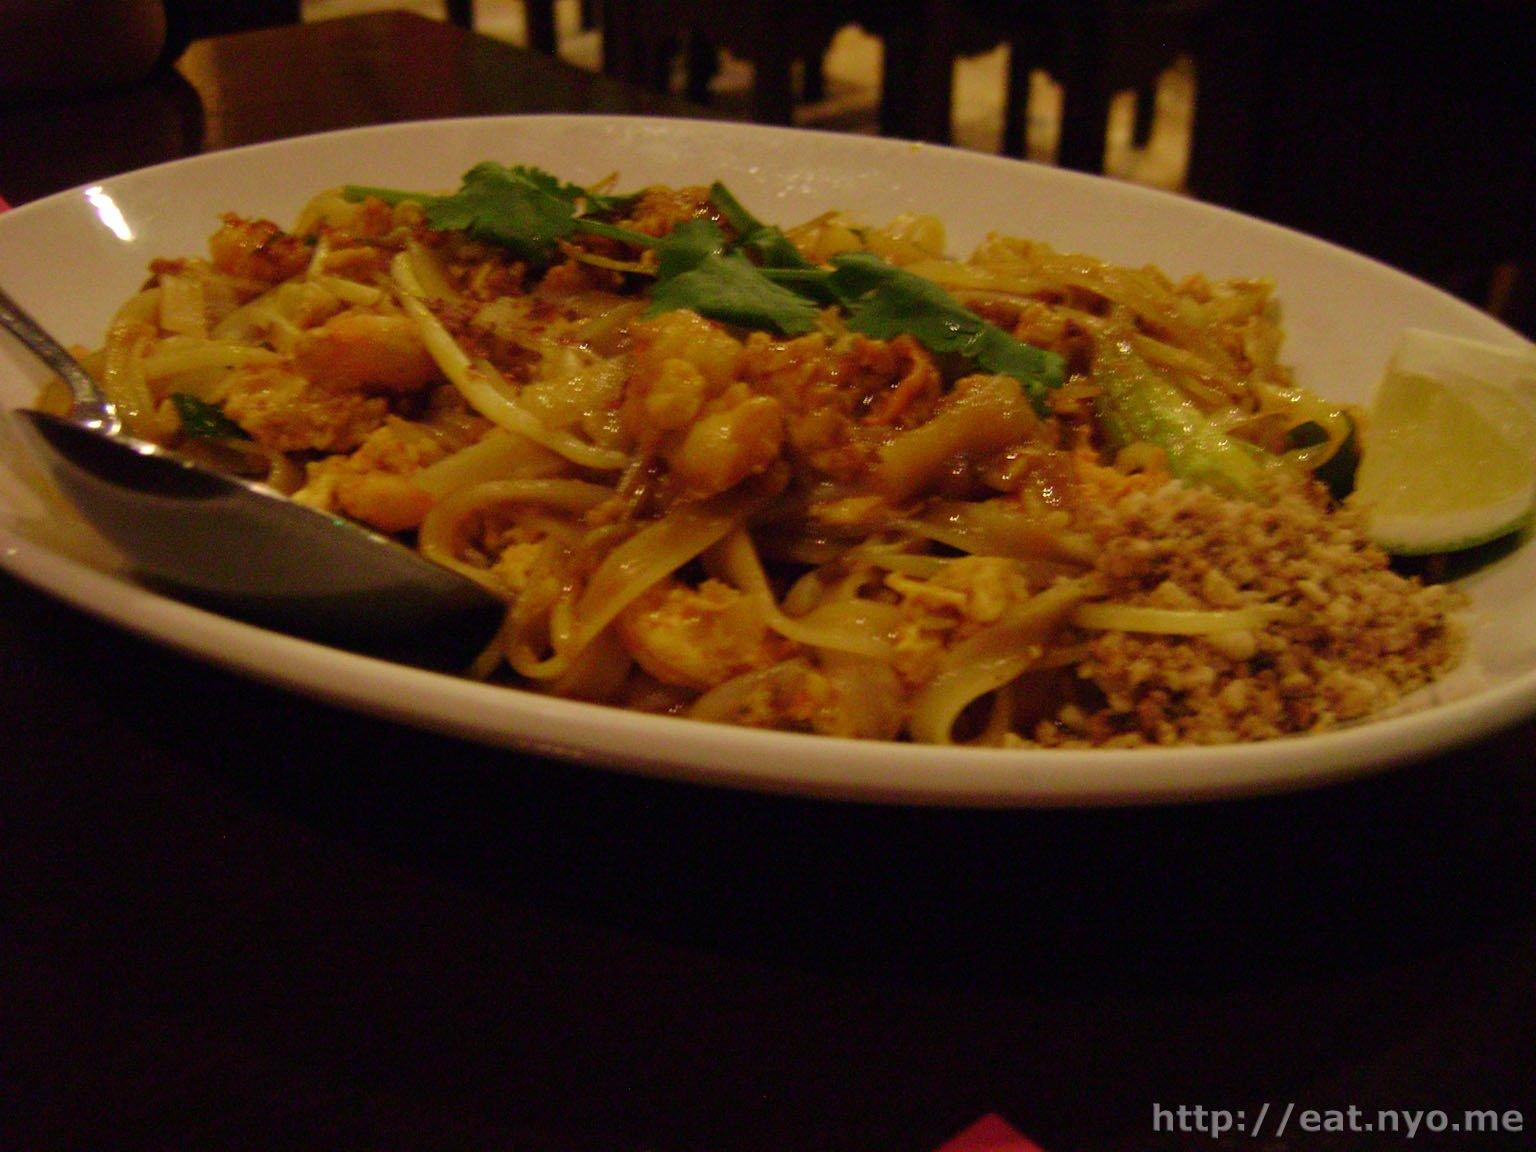 Muang Thai